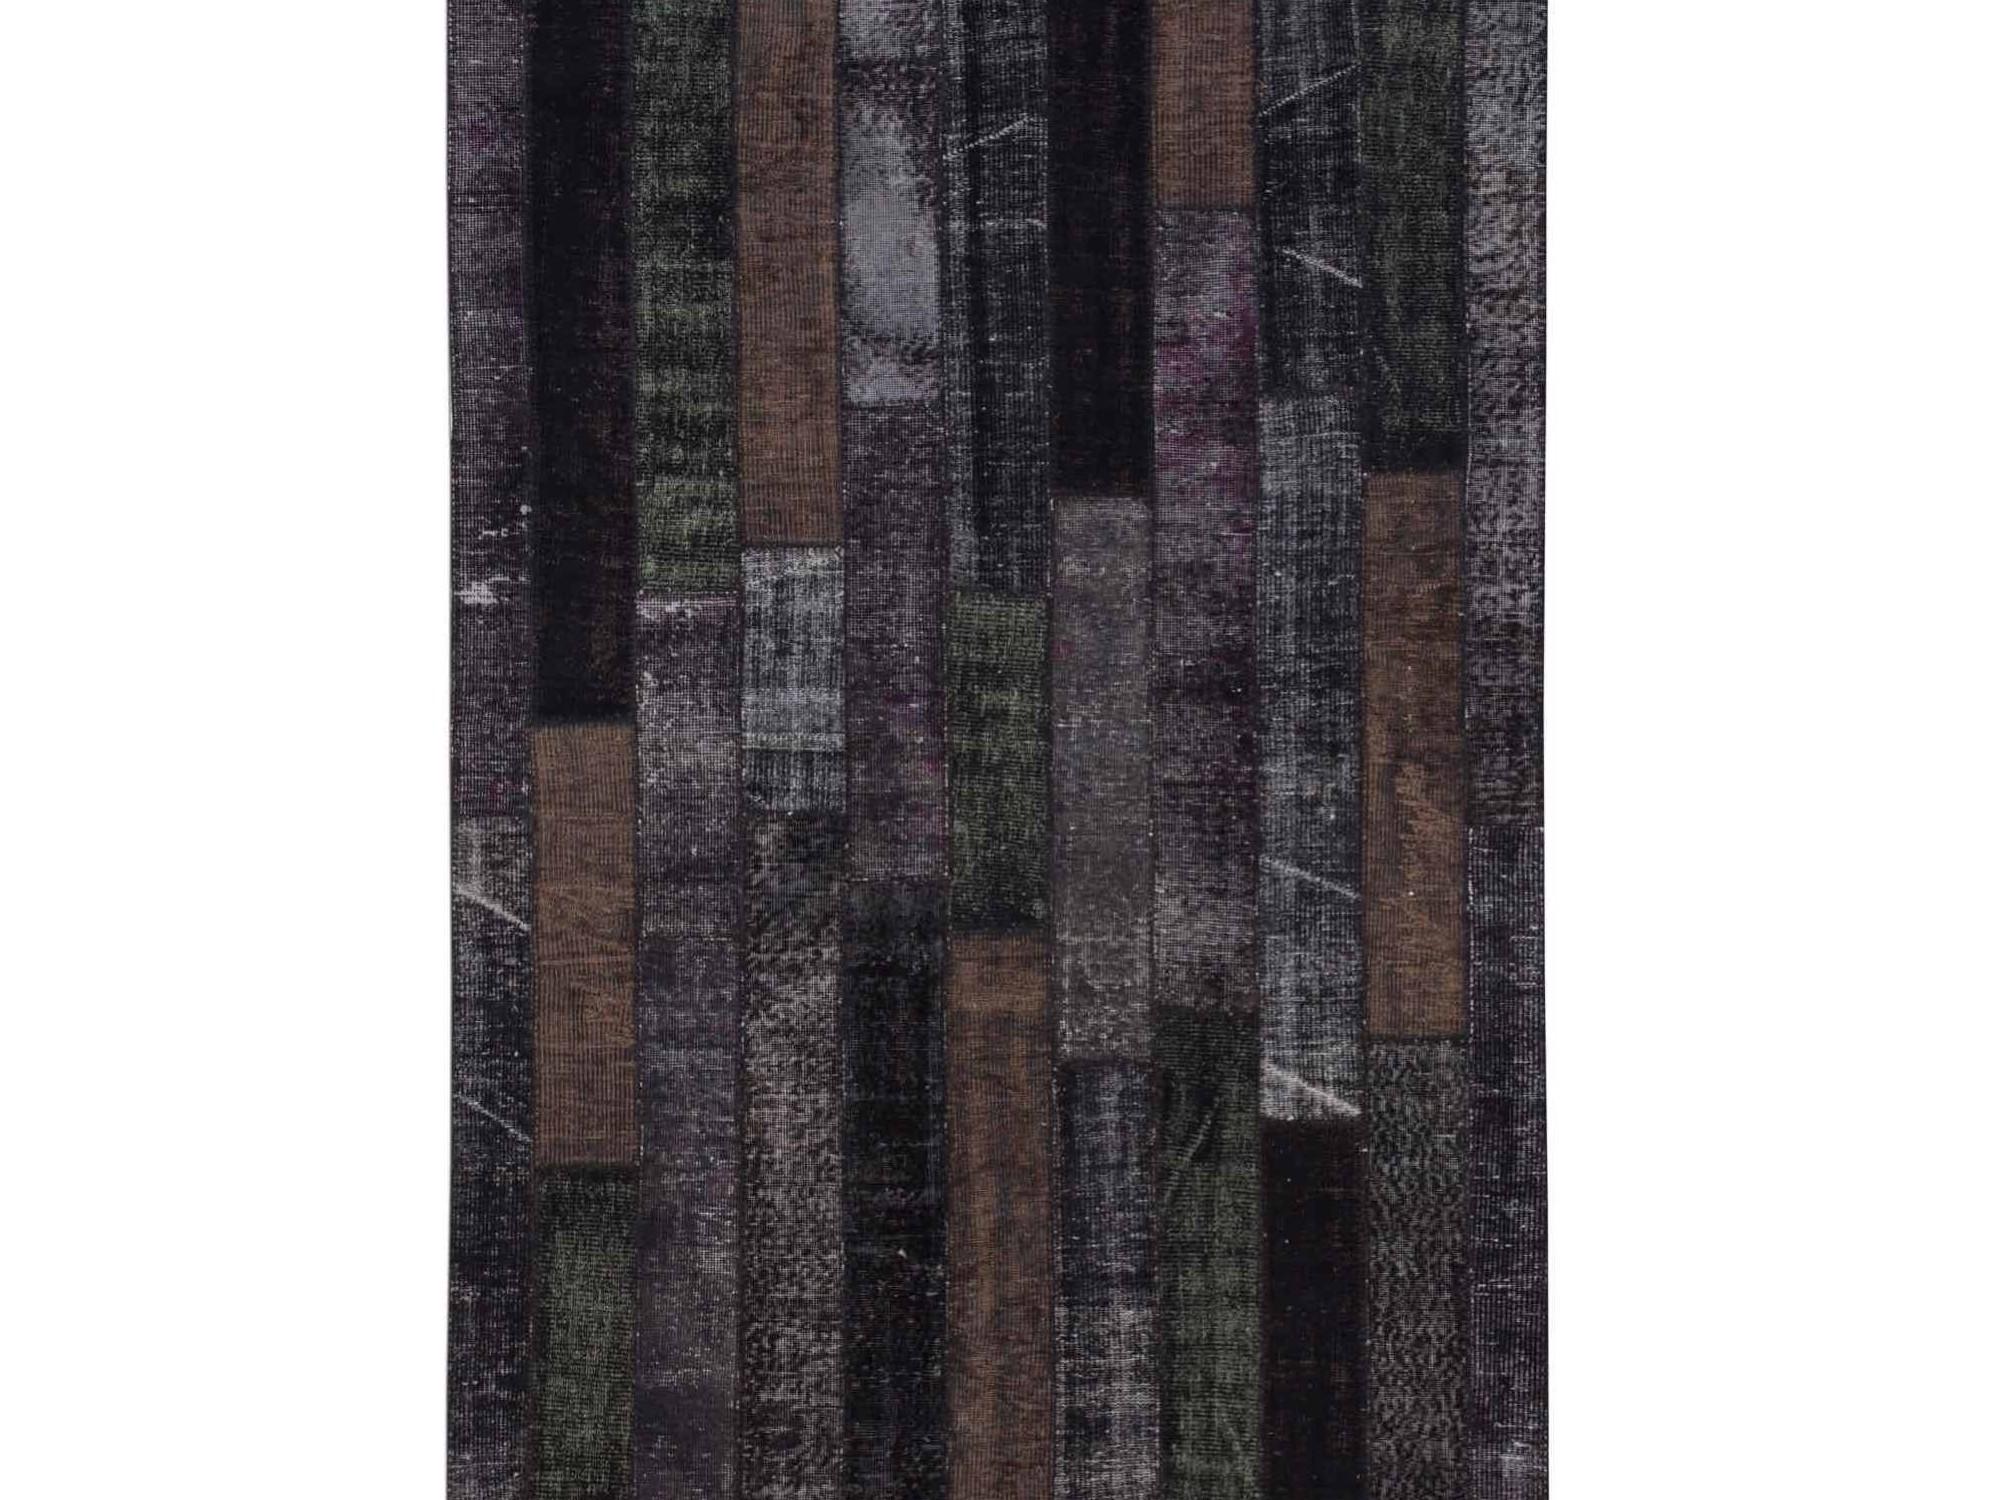 Ковер PatchworkПрямоугольные ковры<br>Винтажный ковер ручной работы в стиле &amp;quot;пэчворк&amp;quot; <br>из 100% шерсти. Ковер прекрасно подходит в <br>любые современные и классические интерьеры, <br>а благодаря толщине ковра всего 5 мм и отсутствию <br>ворса, его легко чистить любыми видами пылесосов. <br>Этот настоящий ковер ручной работы не потеряет <br>своих красок и будет служить десятилетия.<br><br>Material: Шерсть<br>Width см: 171<br>Depth см: 243